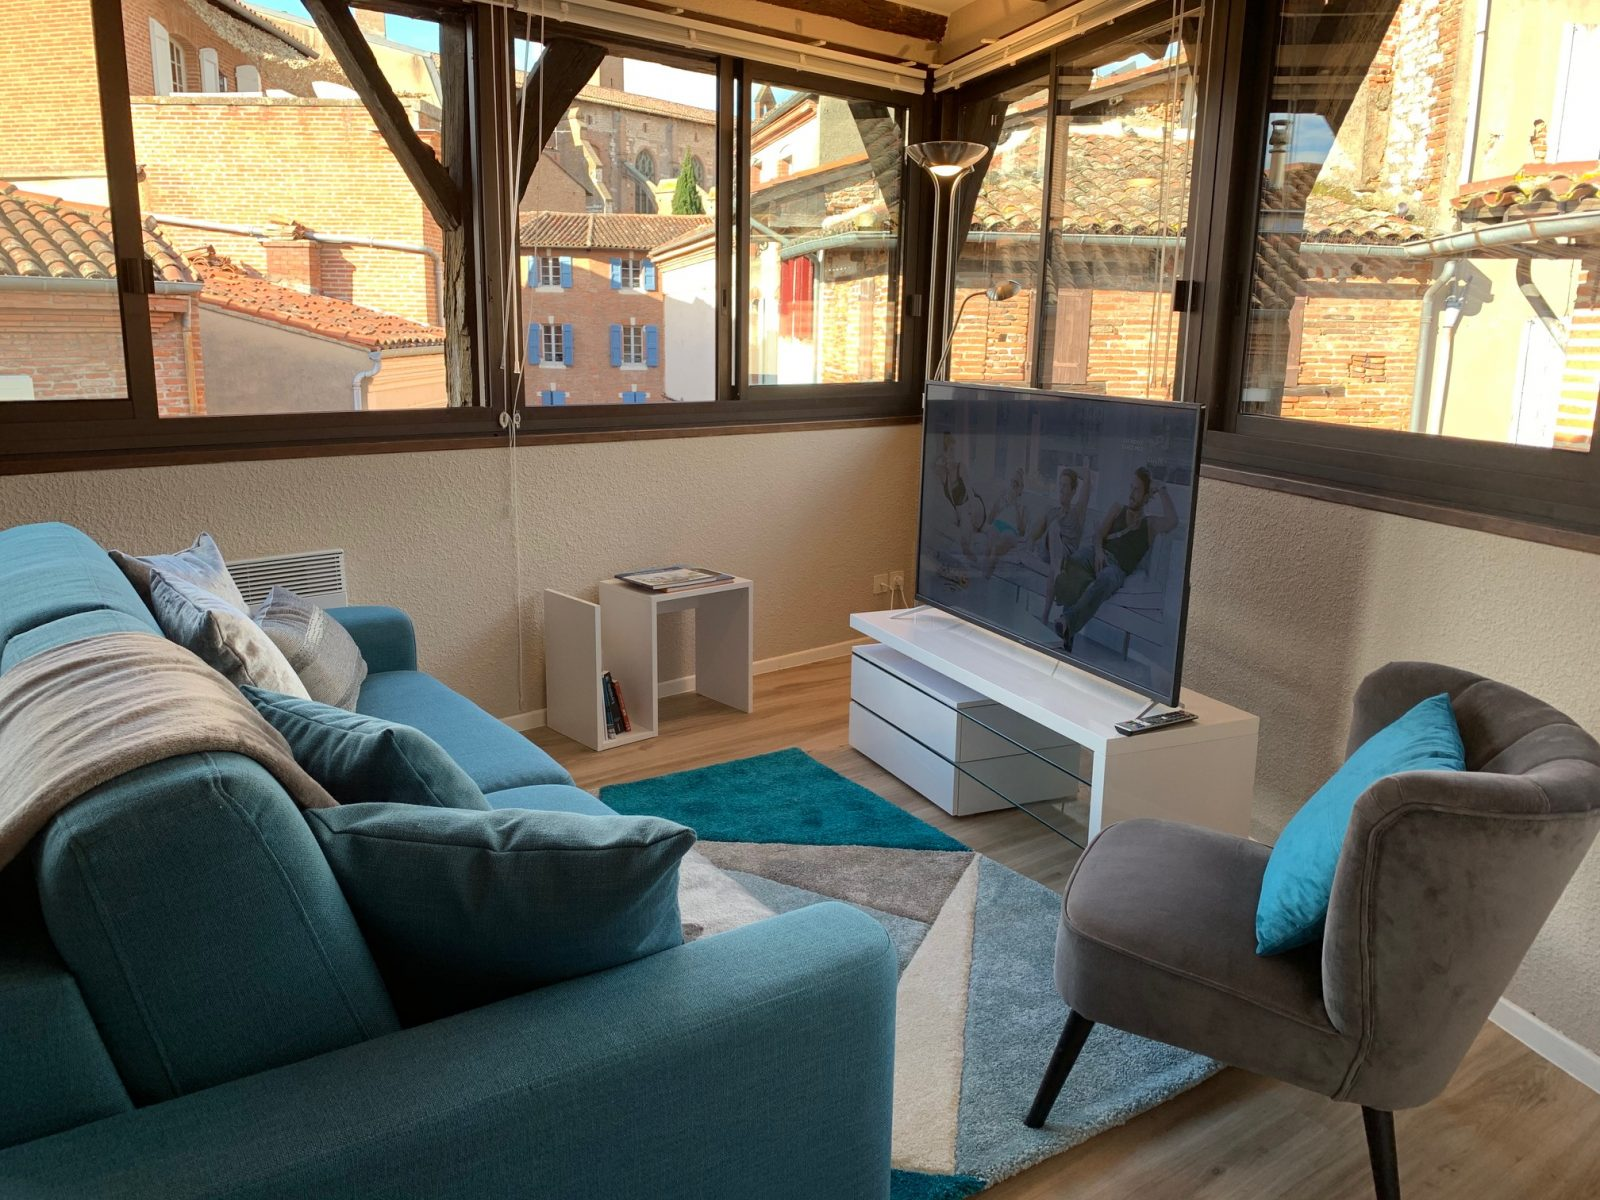 Location de vacances Albi – Elodie Carles – Appartement Azur